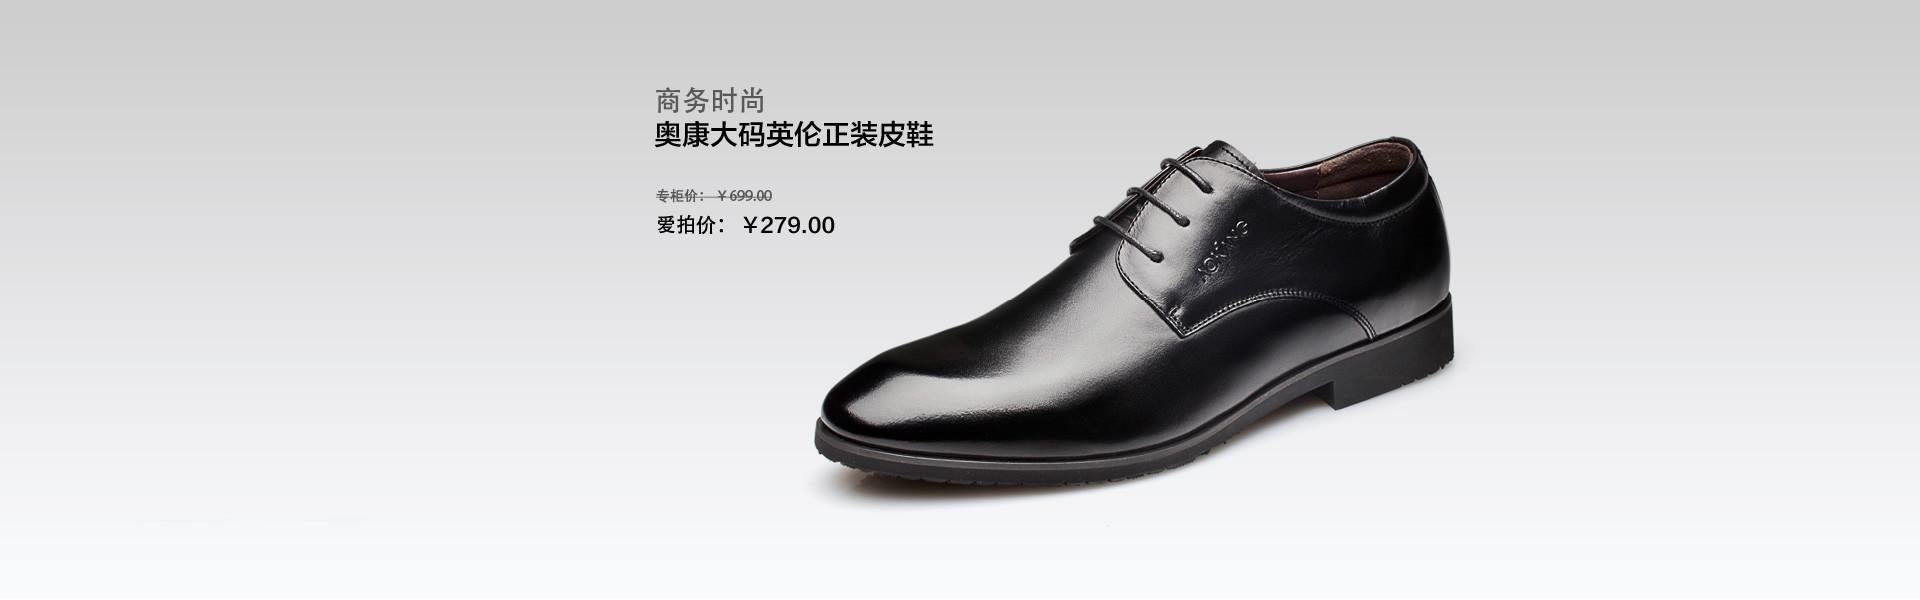 奥康男鞋 男士尖头系带英伦商务正装皮鞋真皮耐磨低帮男单鞋子